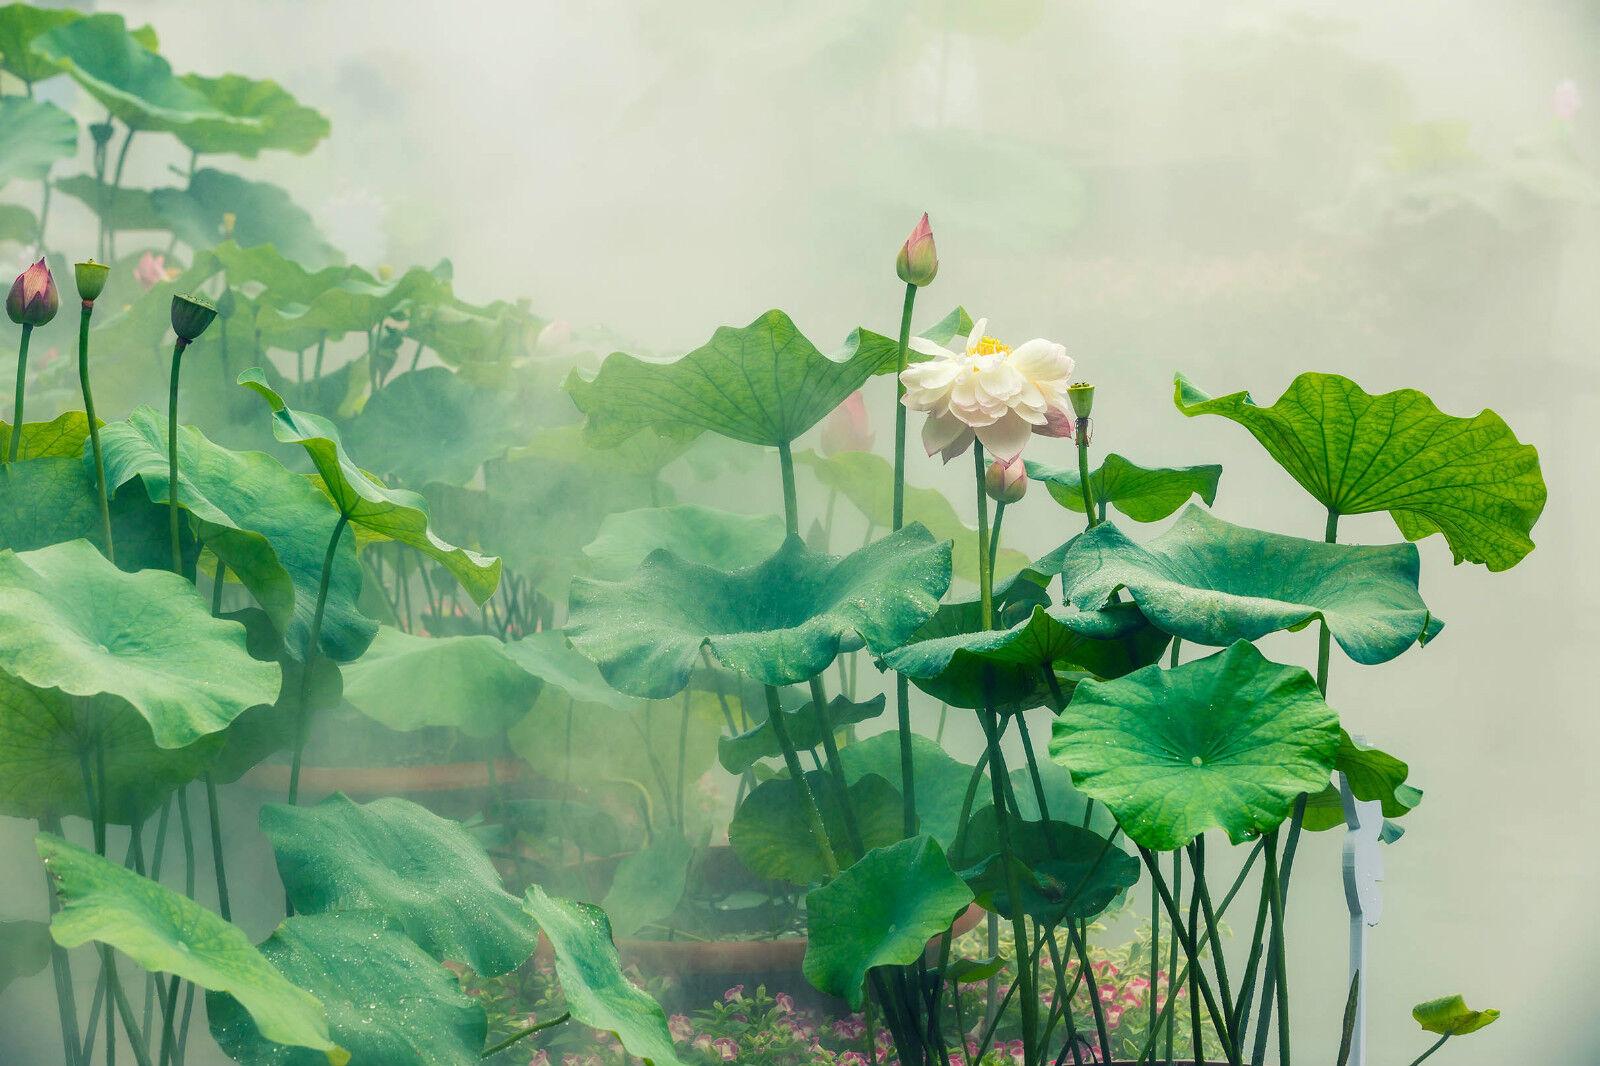 3D Belle Lotus Et Feuille 2 Décor Décor Décor Mural Murale De Mur De Cuisine AJ WALLPAPER FR   Simple D'utilisation  f1eb73